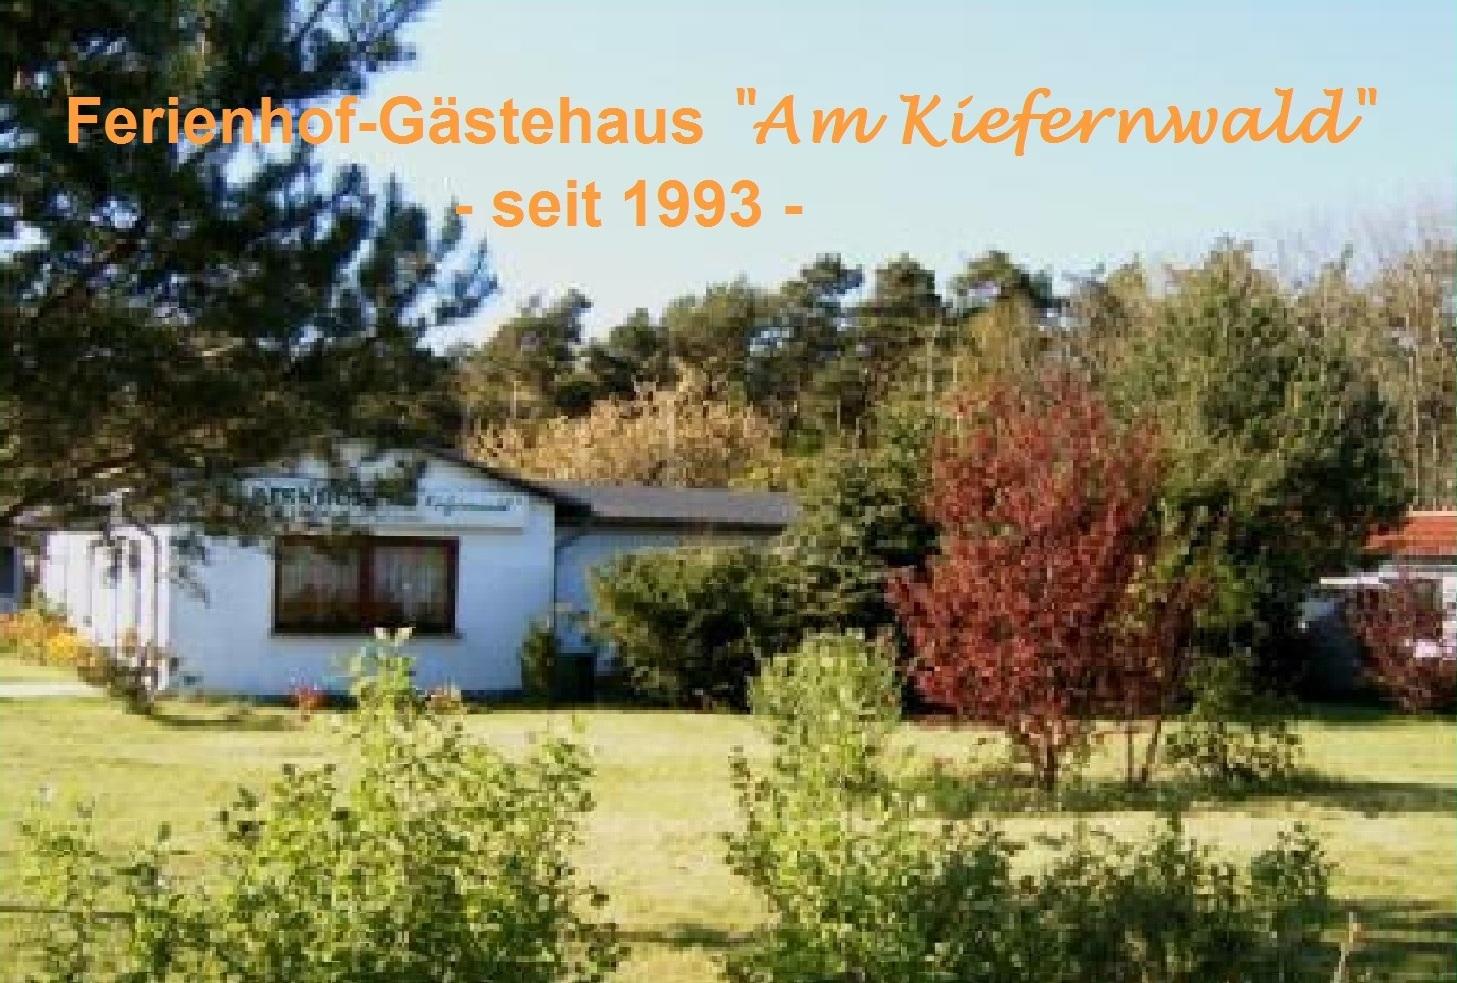 Südseite der Zimmervermietung Ferienhof Am Kiefernwald im Ortsteil Borg der Bernsteinstadt Ribnitz-Damgarten. Von hier aus sind es bis zur Ostsee und zur Halbinsel Fischland nur wenige Kilometer. Seit dem Jahre 2001 führt sogar ein Radweg an der Zimmervermietung Ferienhof Am Kiefernwald vorbei, der in das Ostseeradwegenetz integriert ist.